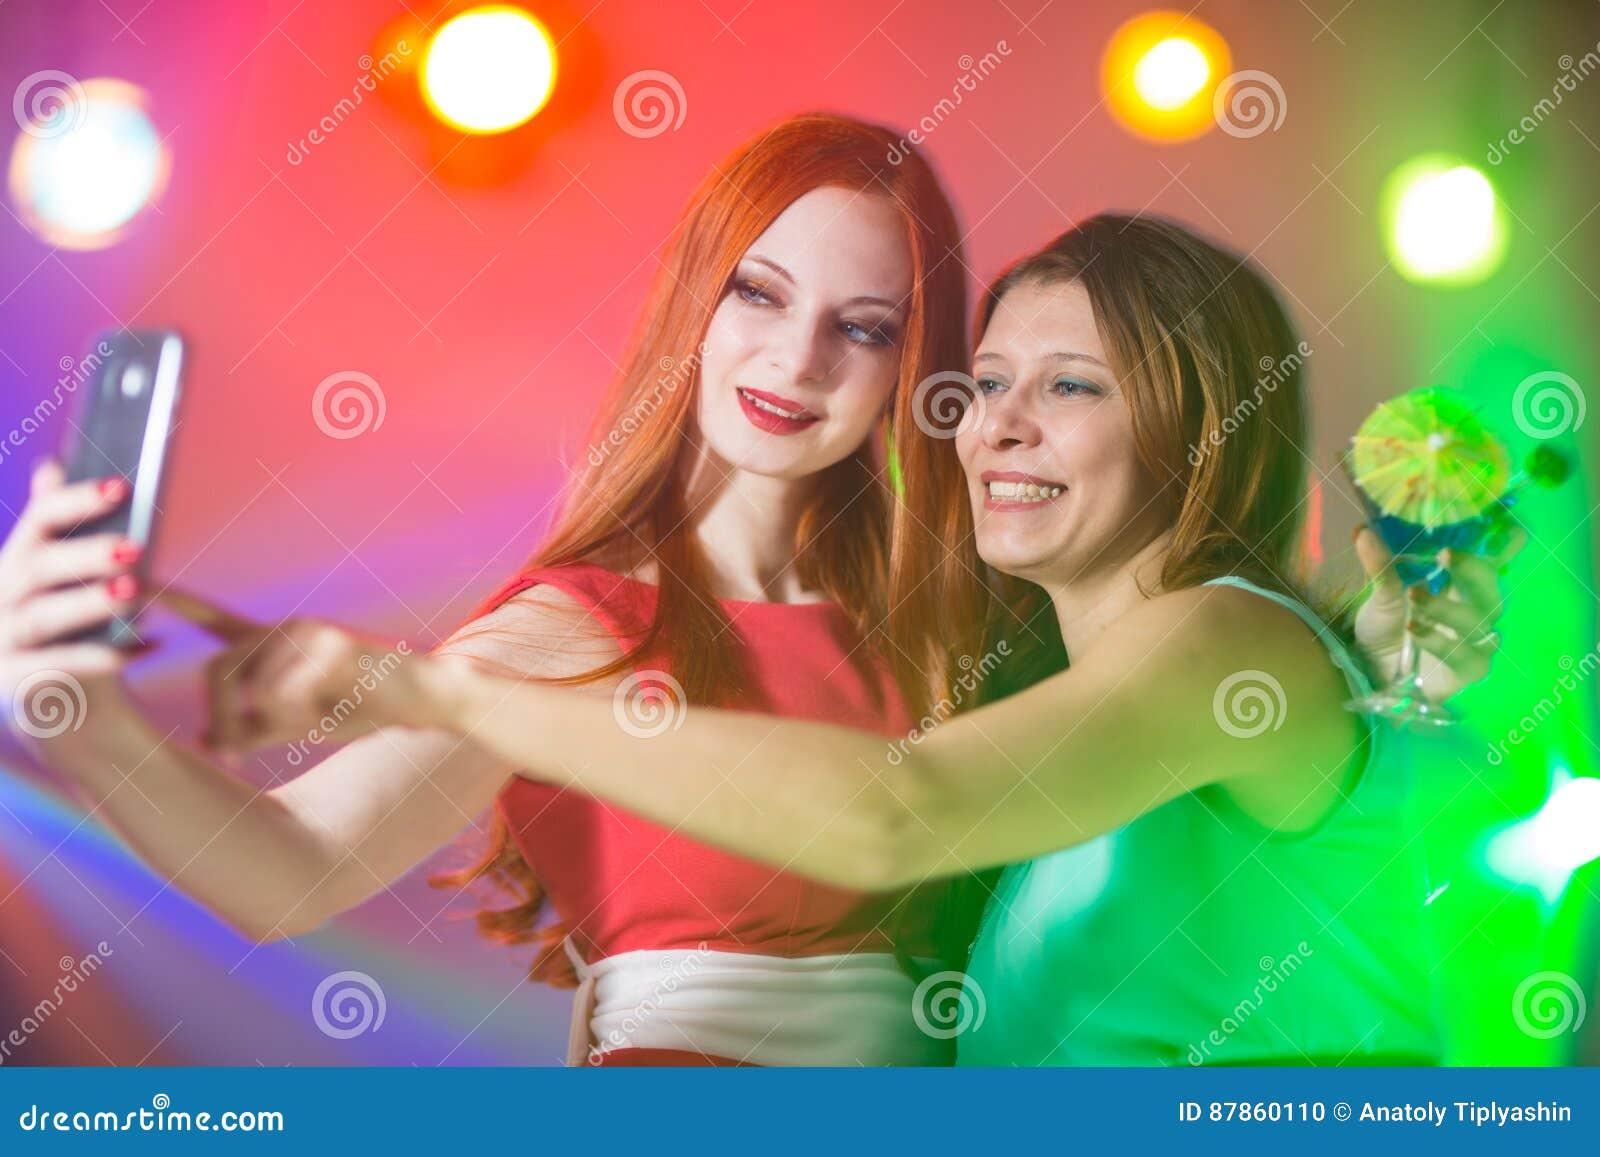 Twee meisjes in een nachtclub onder de schijnwerper